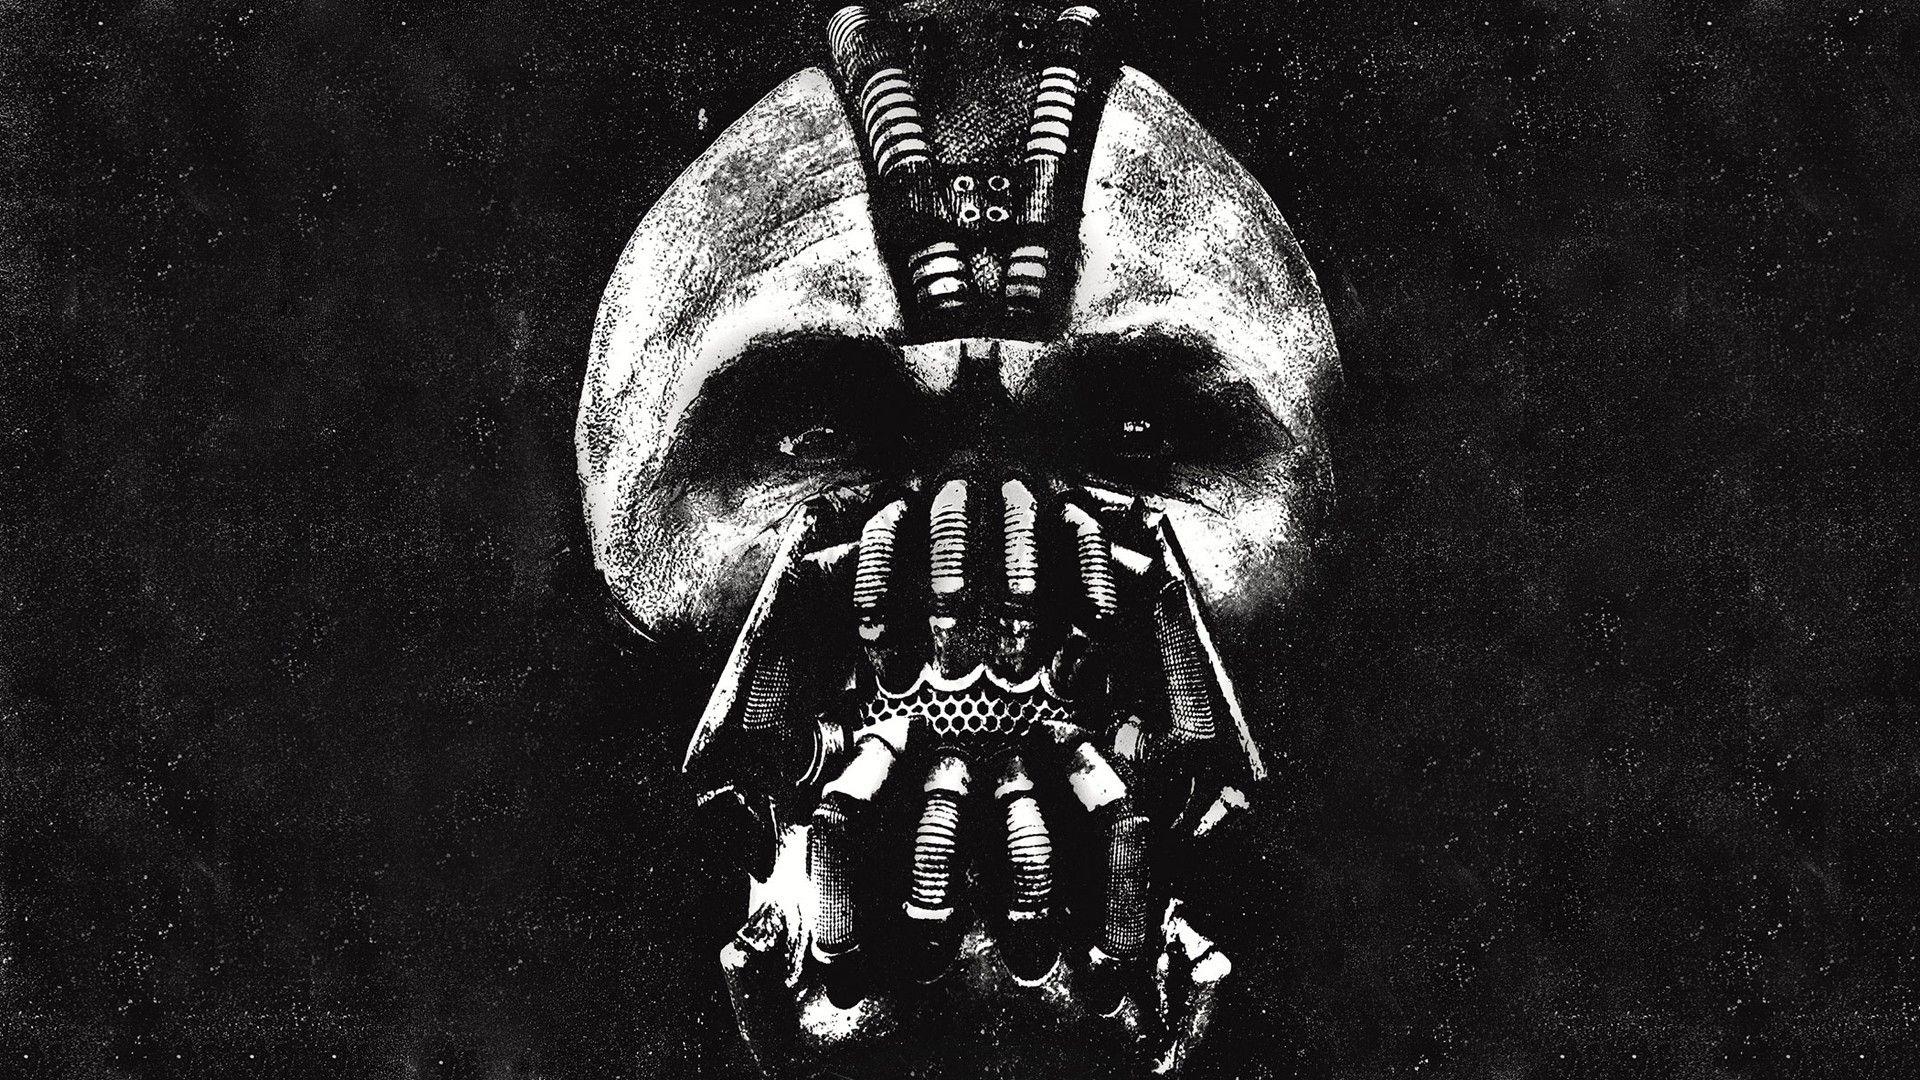 The Dark Knight Rises Wallpapers Hd Quality Download The Dark Knight Rises Bane Batman Batman The Dark Knight